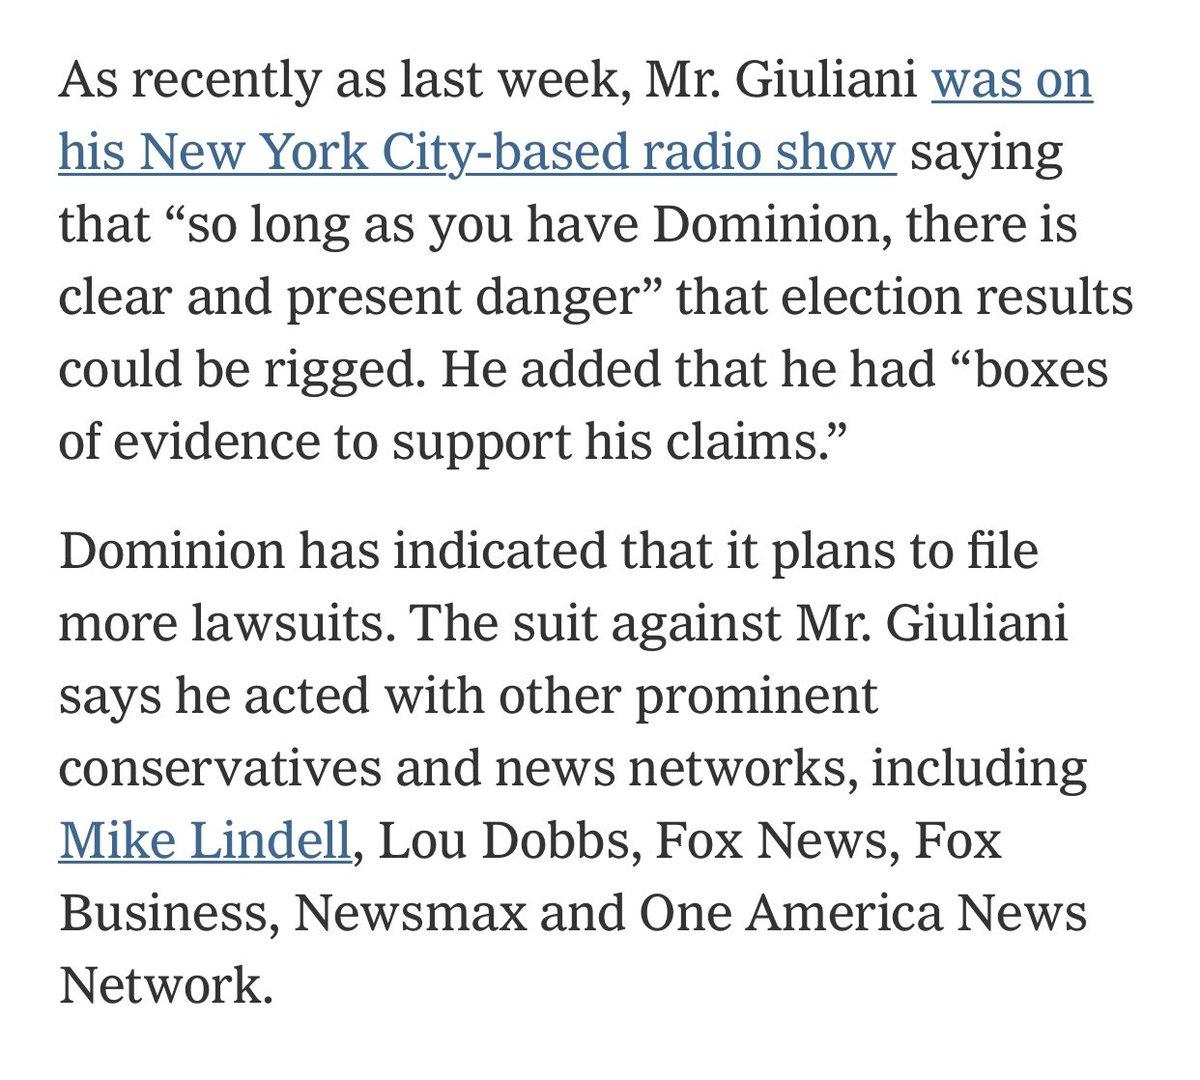 Will dominion sue Fox News?